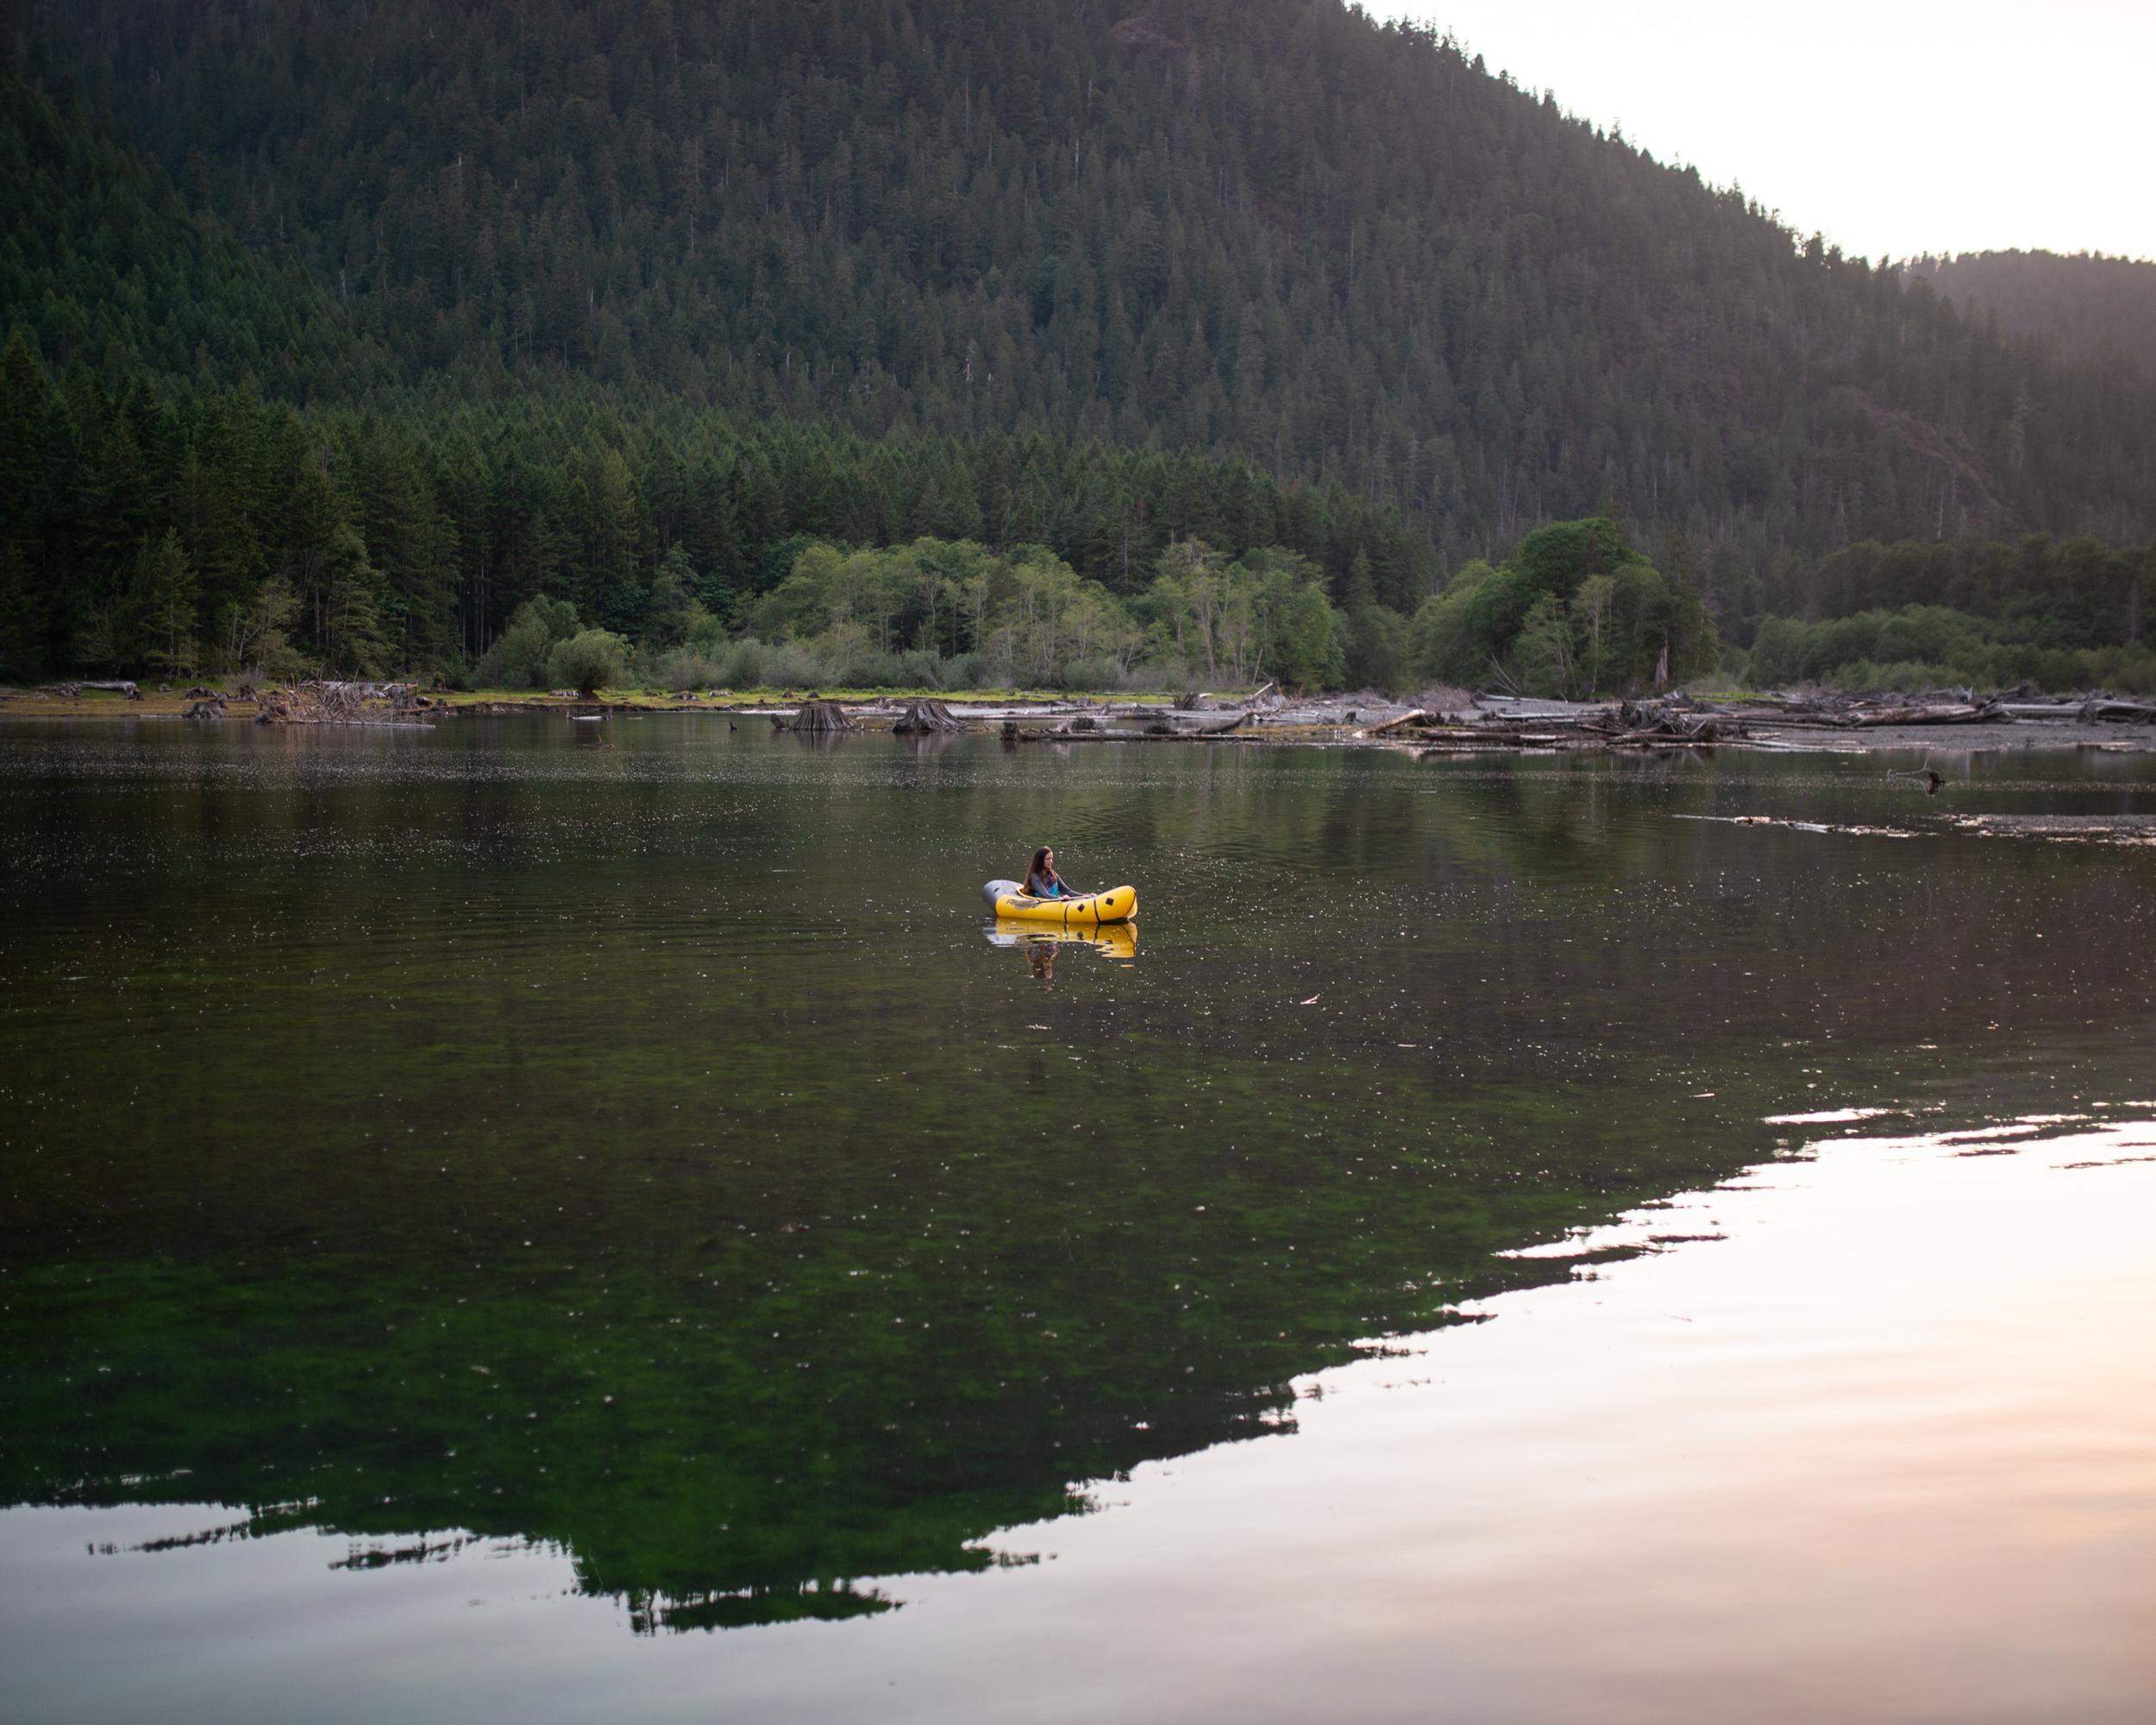 TannerWendellStewart_Idaho_Rogue_Backpackrafting_lake_HighRes_1stPartyPrintDigital-43257.jpg